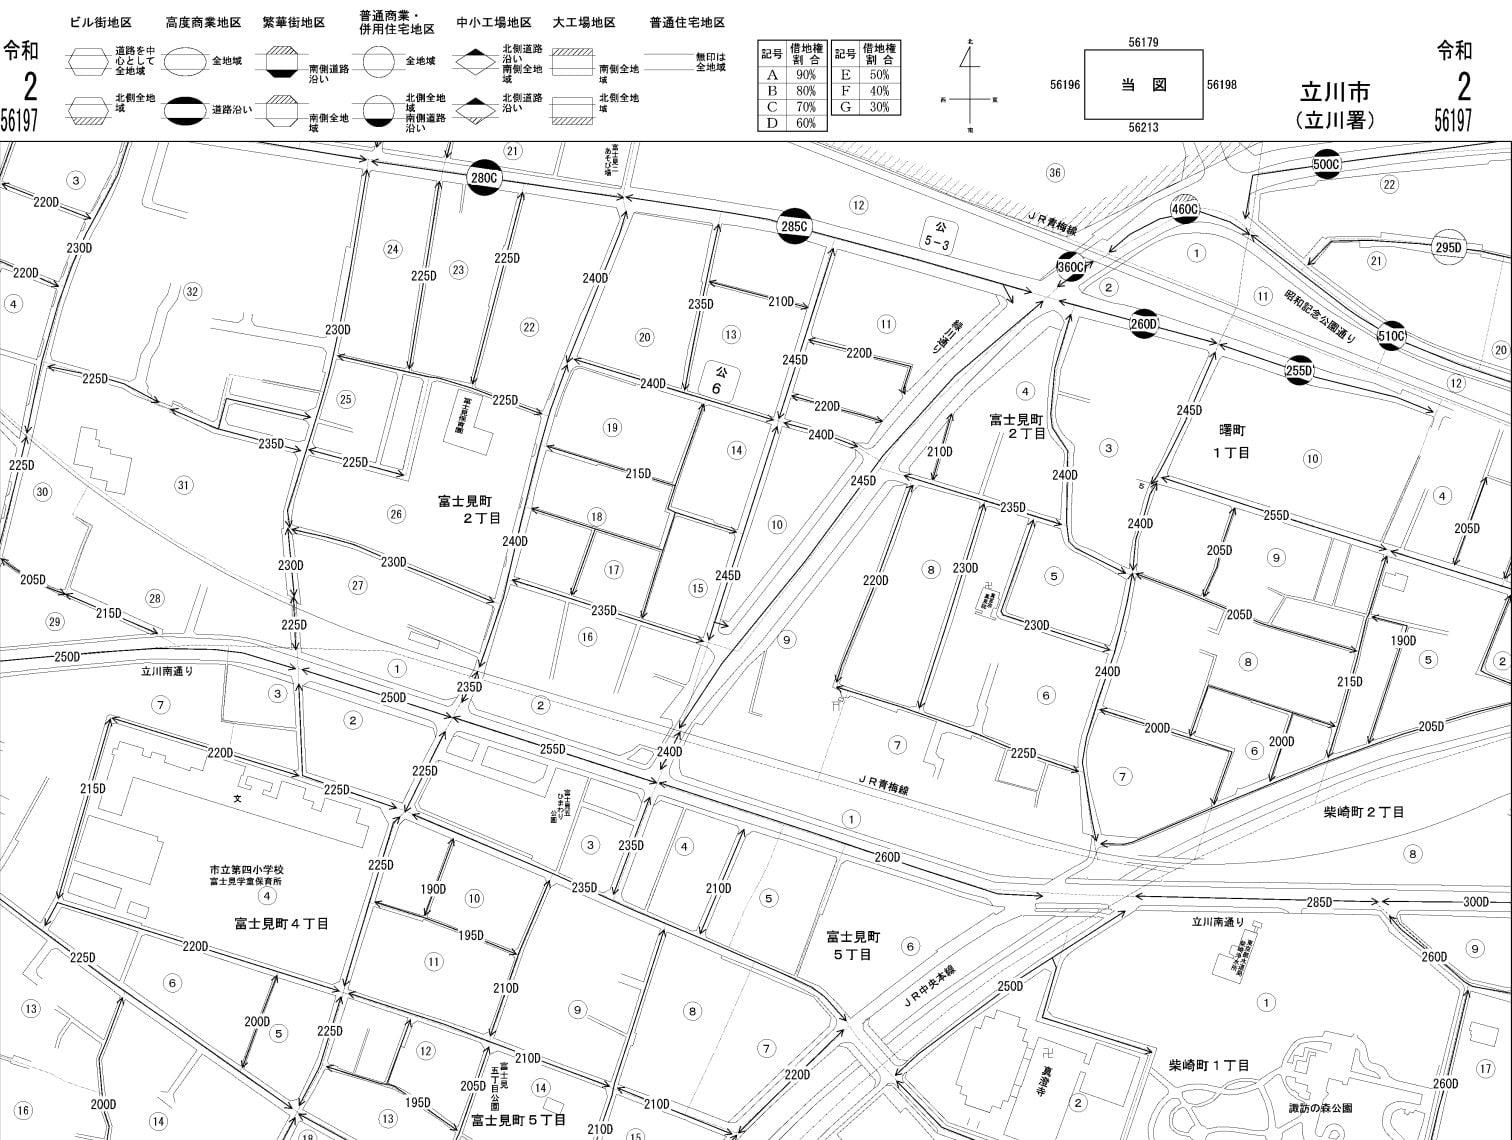 立川市の路線価図